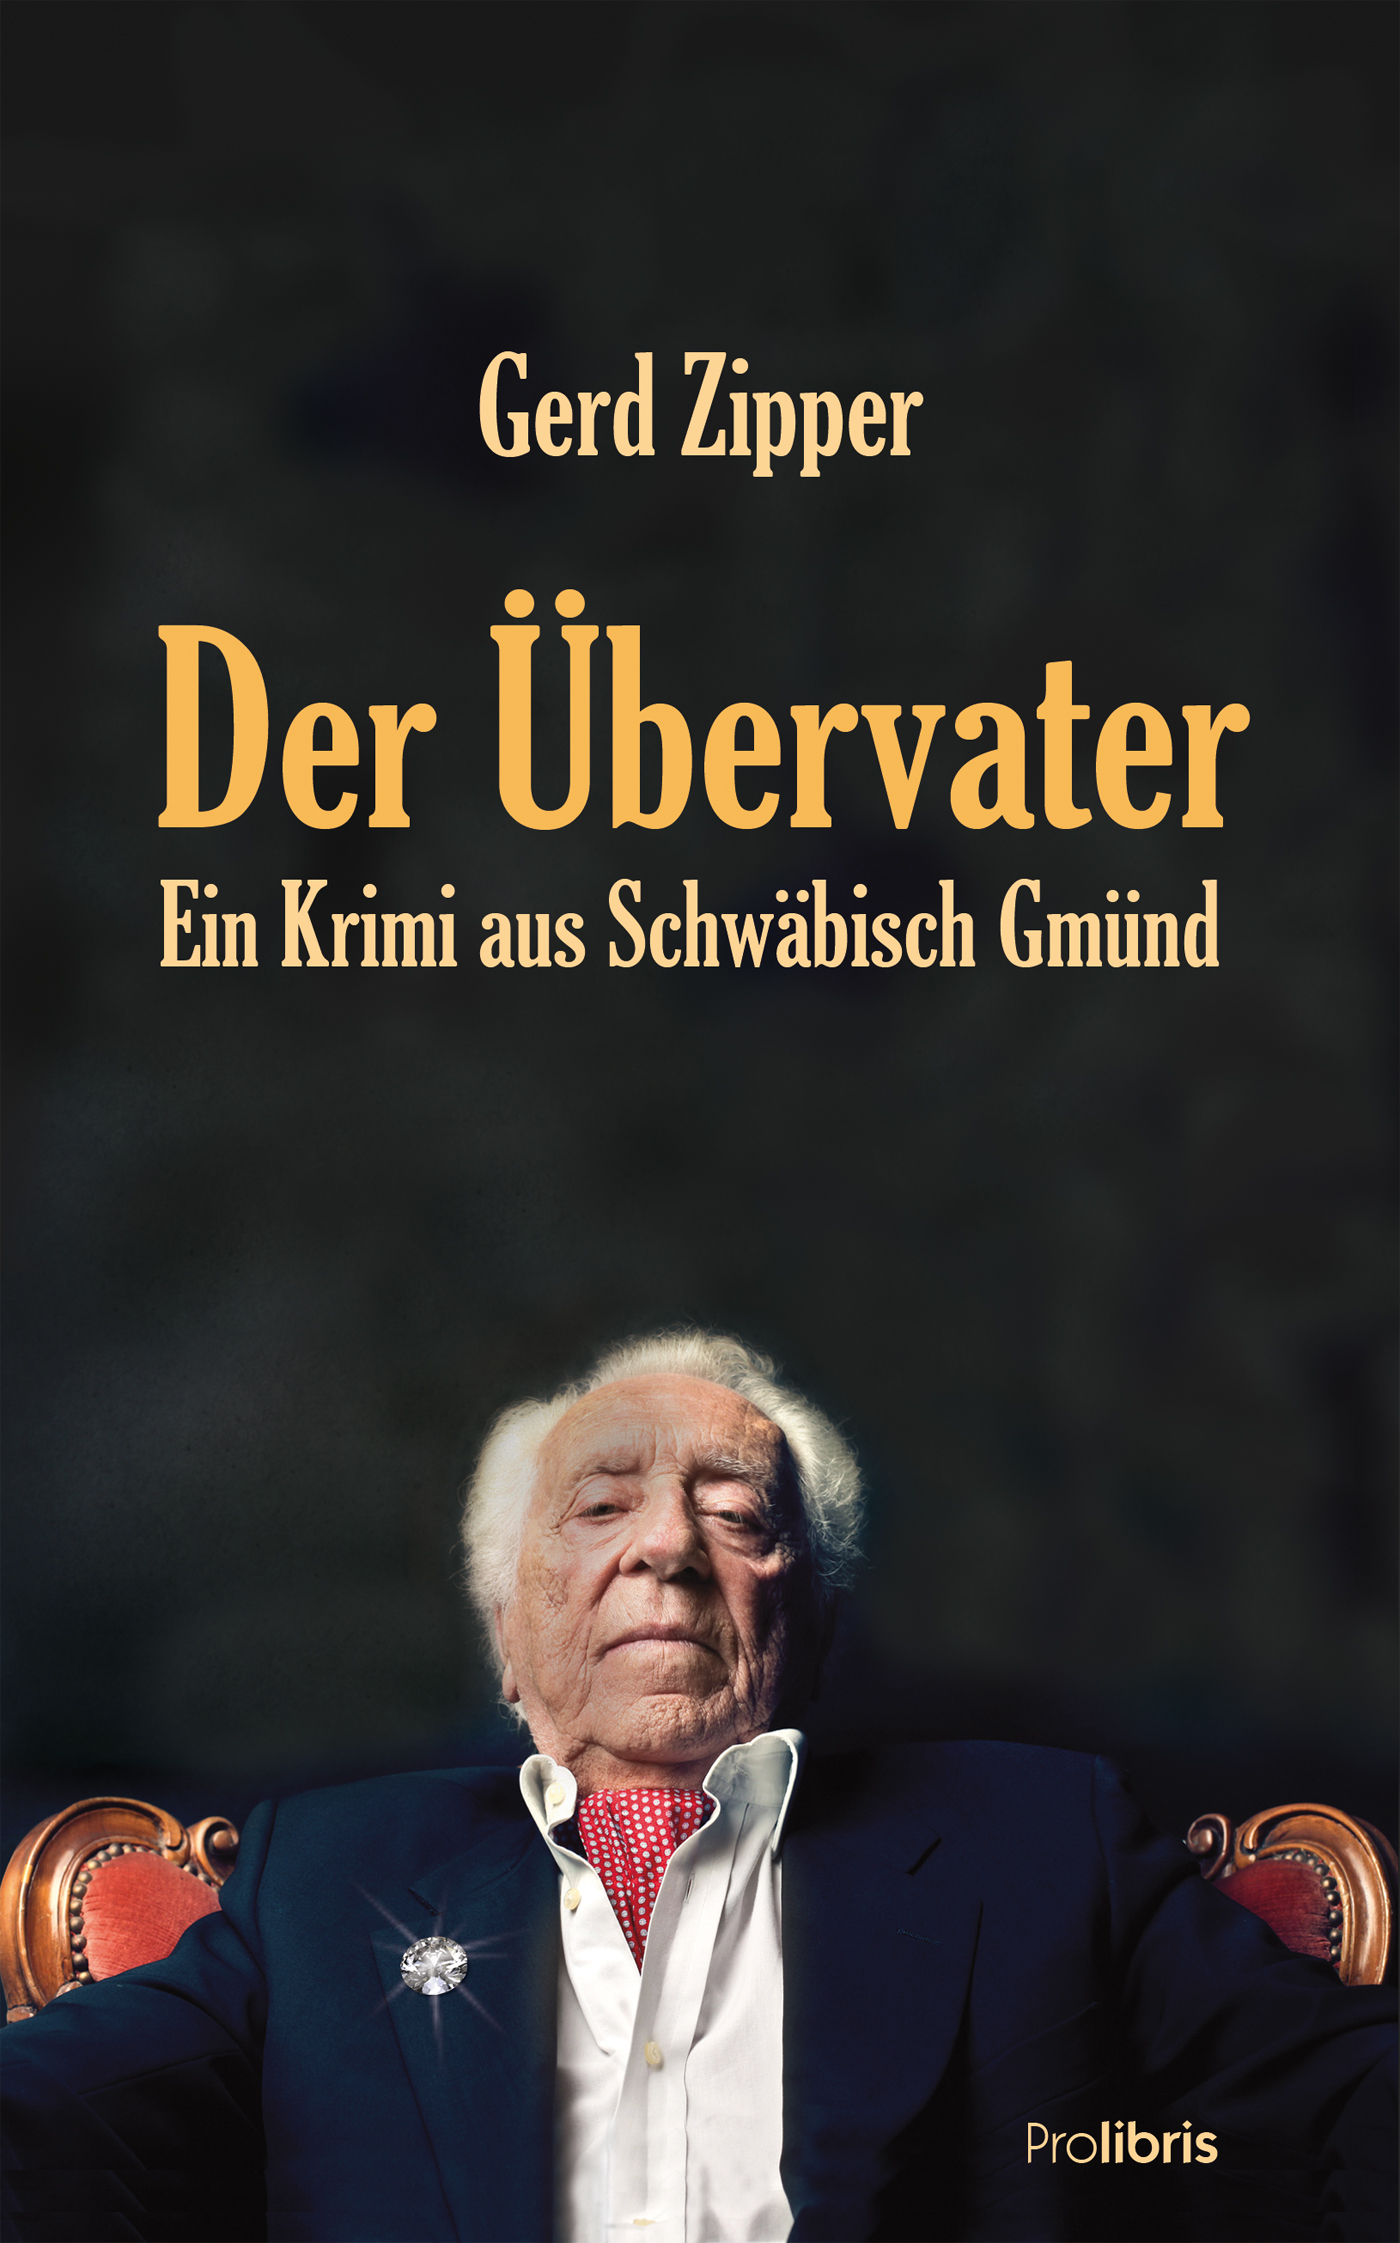 Gerd Zipper Der Übervater